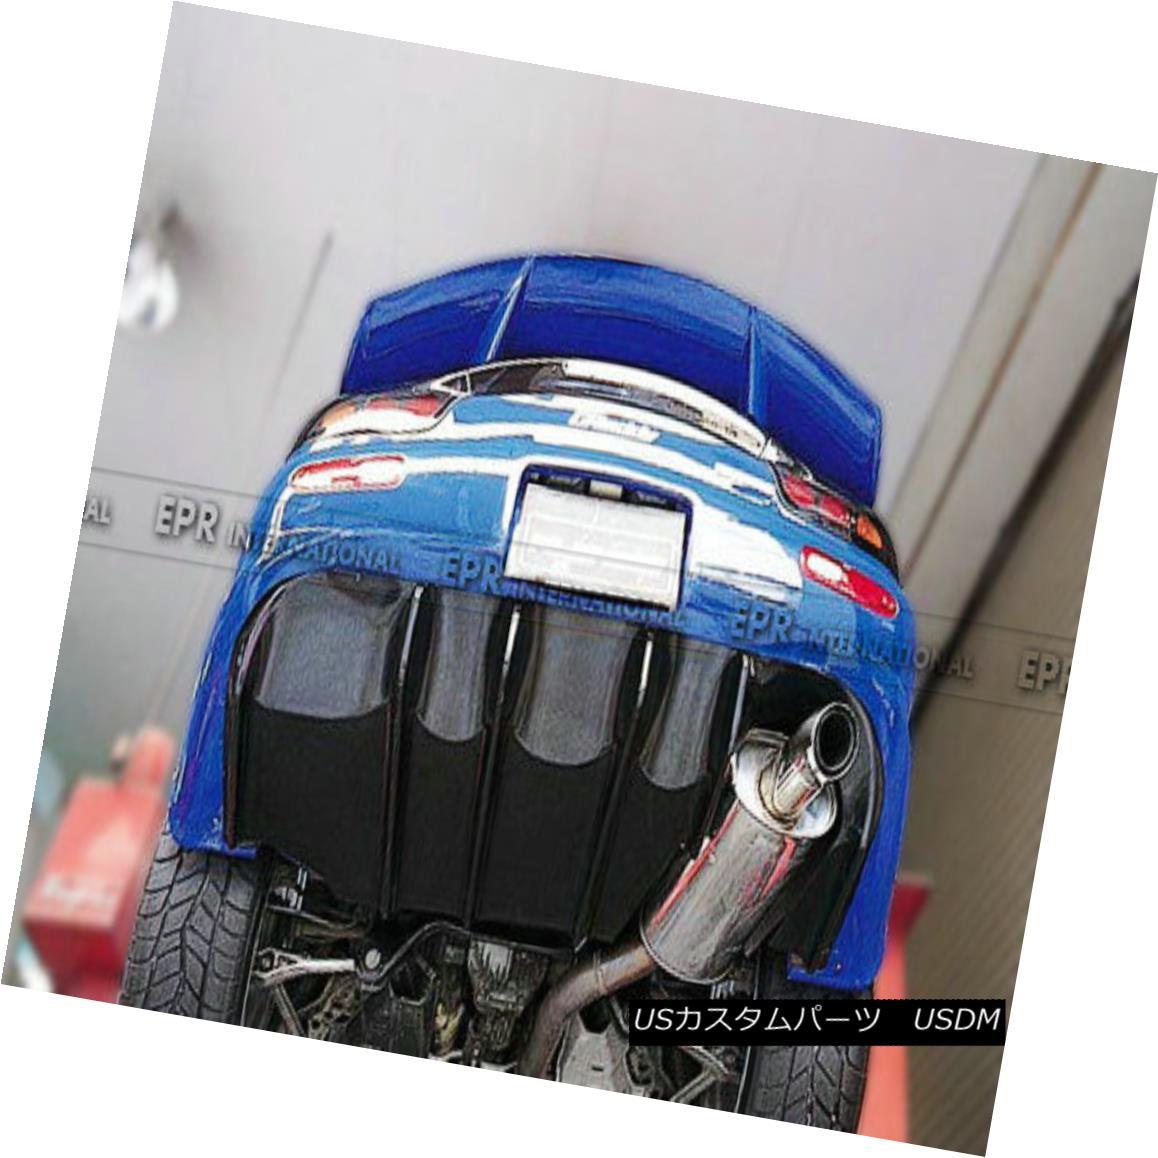 エアロパーツ Lip Rear Under Panel Diffuser Panel Lip FD3S用) Kit Splitter FED FRP Fiber For Mazda RX7 FD3S リアディフューザーパネルリップキットスプリッターFED FRPファイバー(マツダRX7 FD3S用), 王様舶来館:1c9c4314 --- officewill.xsrv.jp